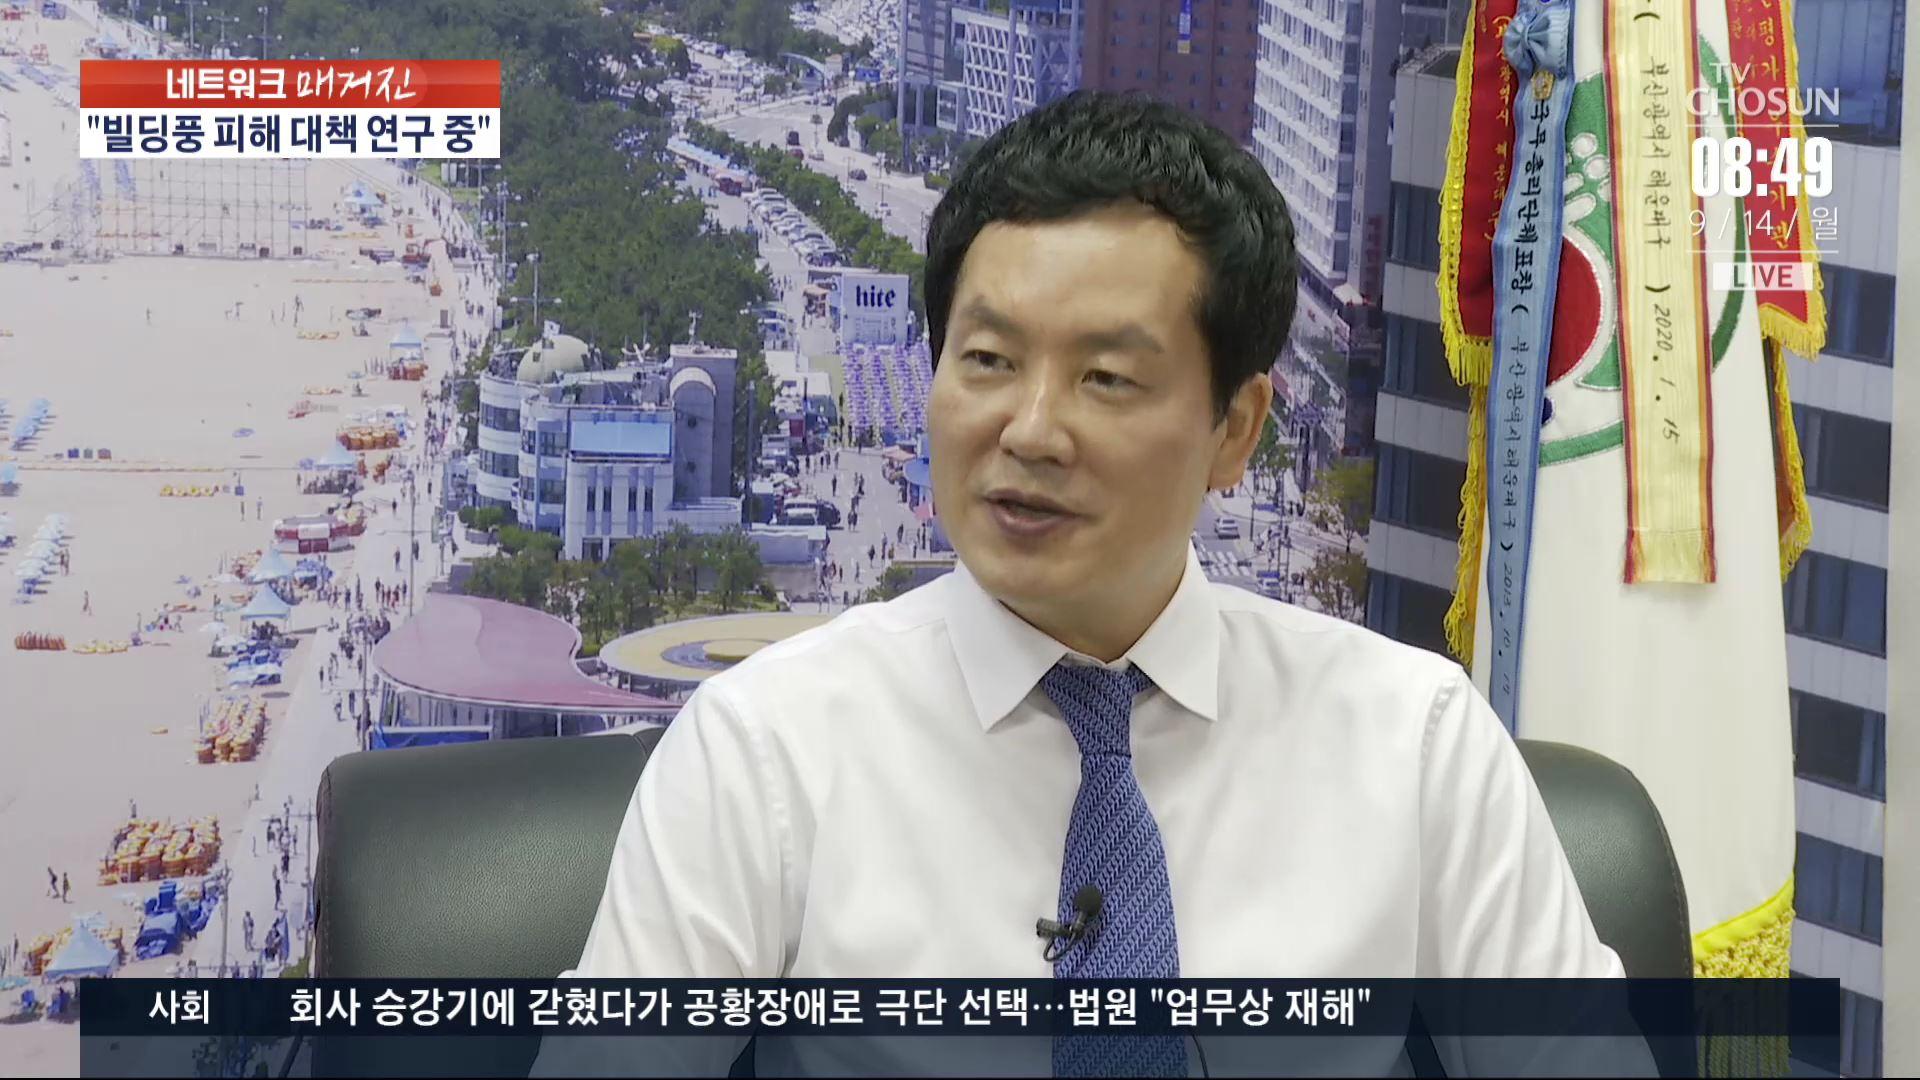 [네트워크 초대석] 홍순헌 해운대구청장 '빌딩풍 대책 마련할 것'